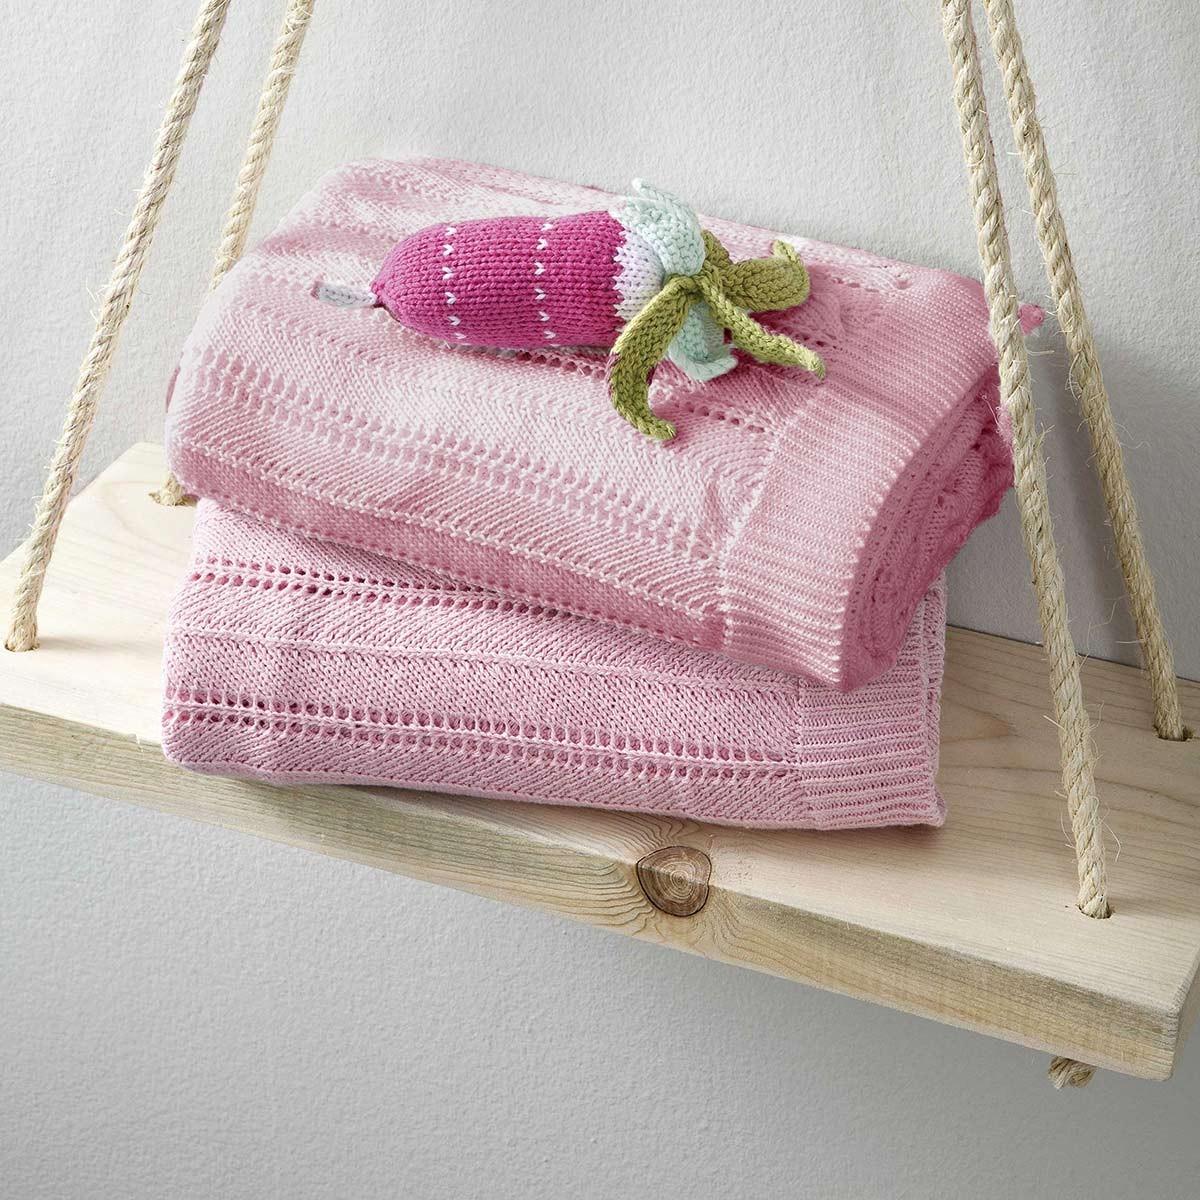 Κουβέρτα Πλεκτή Αγκαλιάς Nima Hug Pink